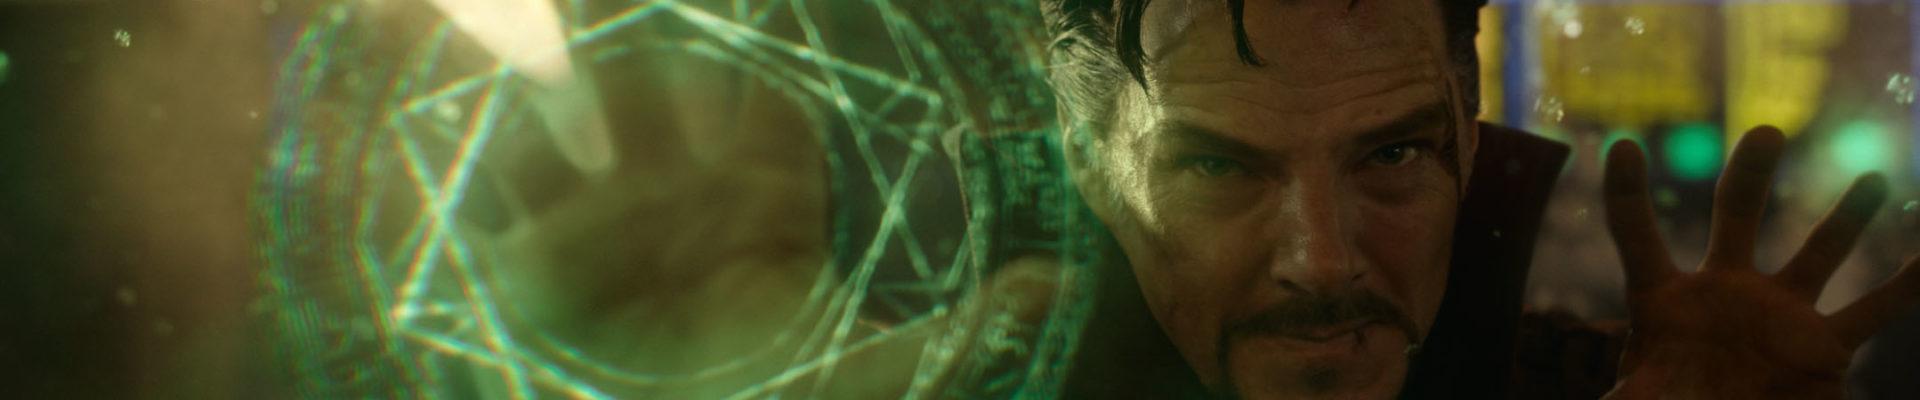 doctor strange thor ragnarok